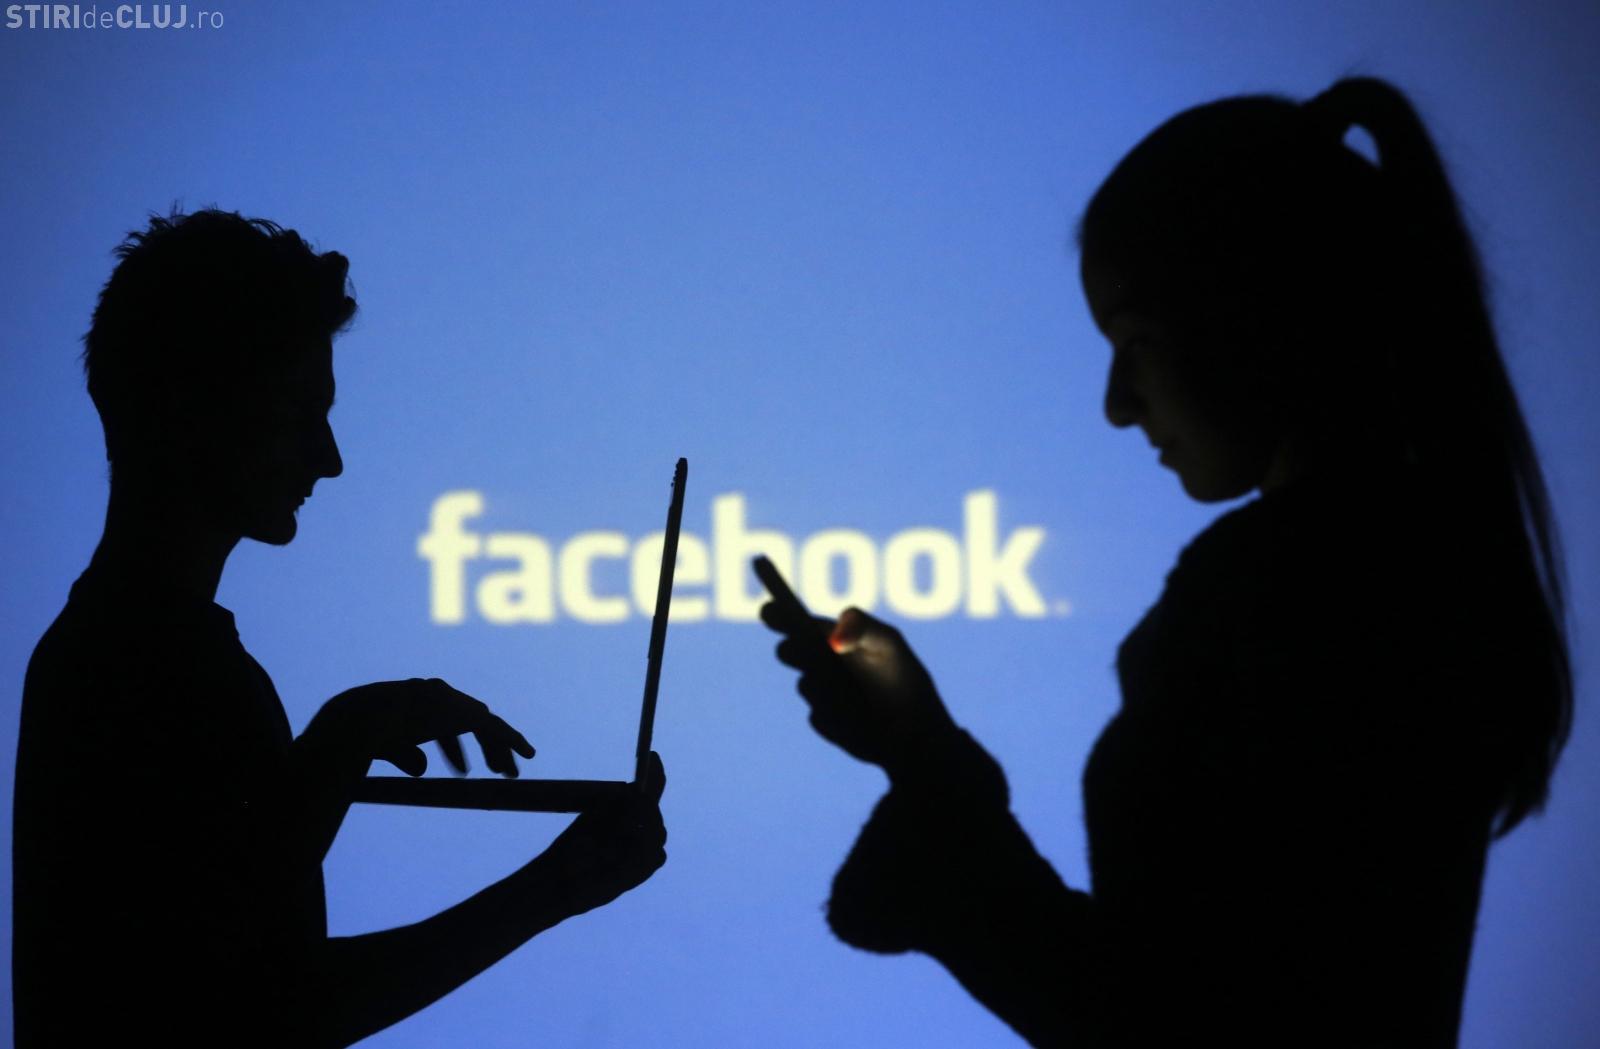 Facebook face o SCHIMBARE majoră în privința comentariilor